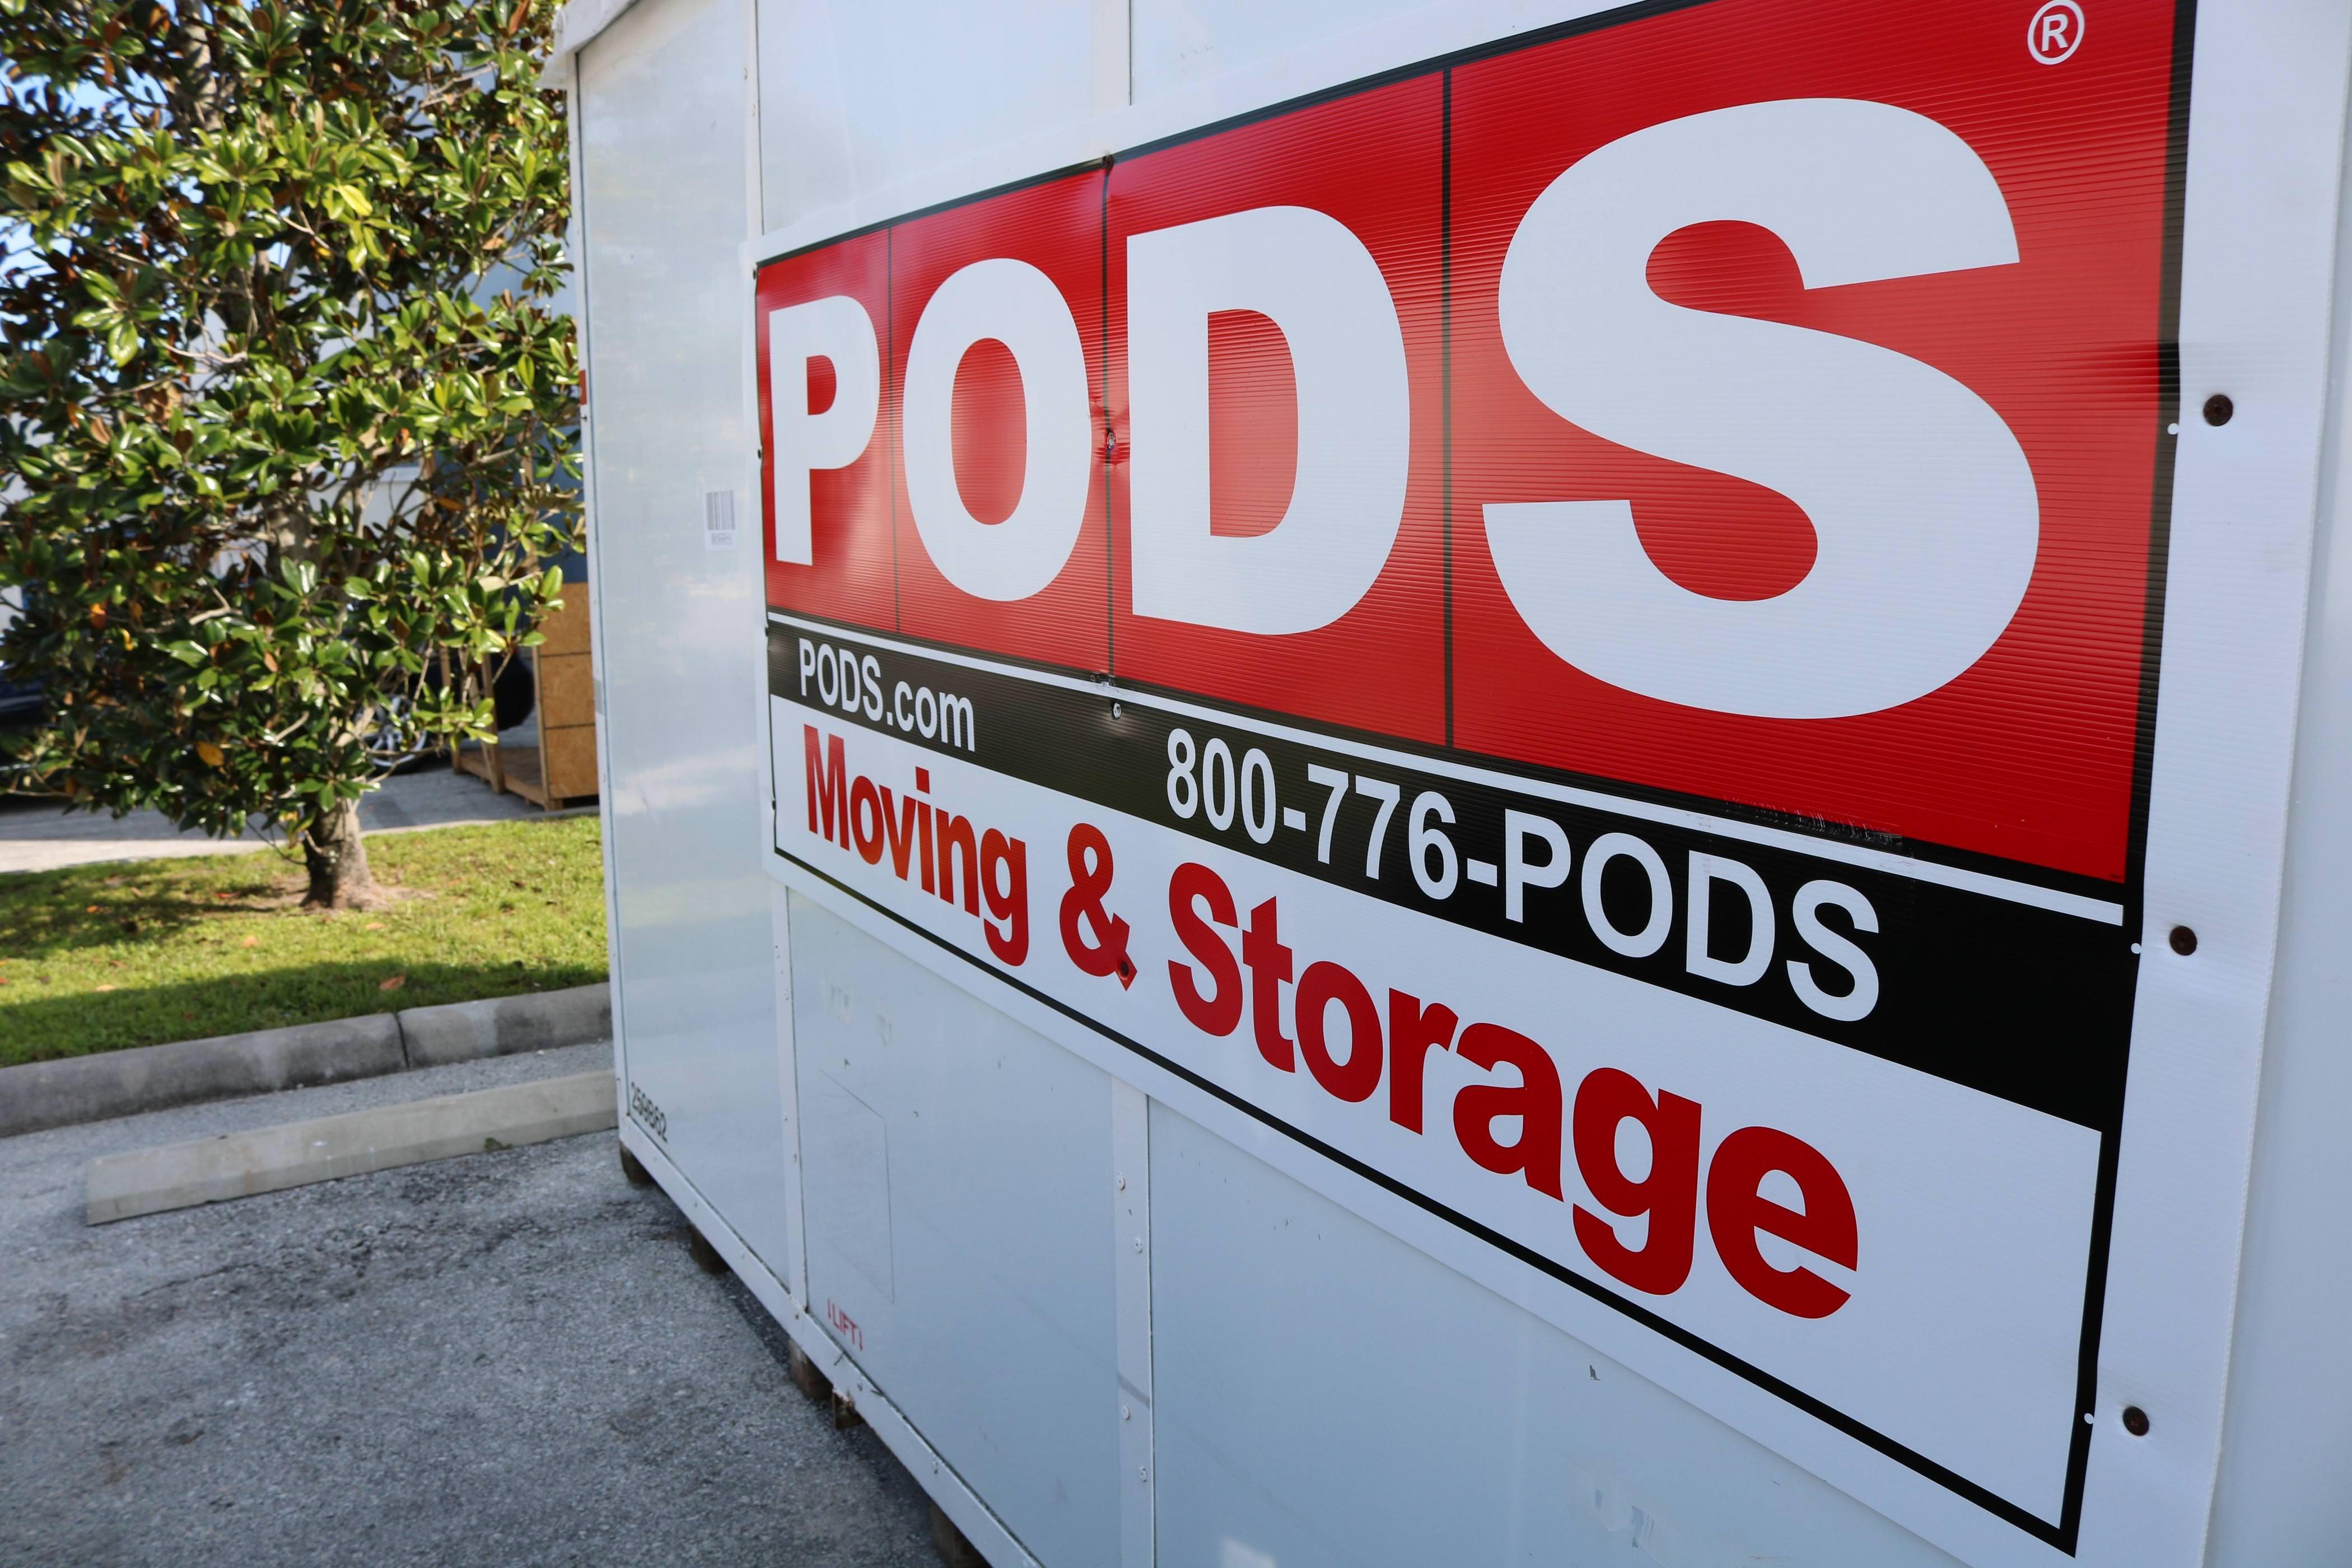 PODS - Long Beach, MS